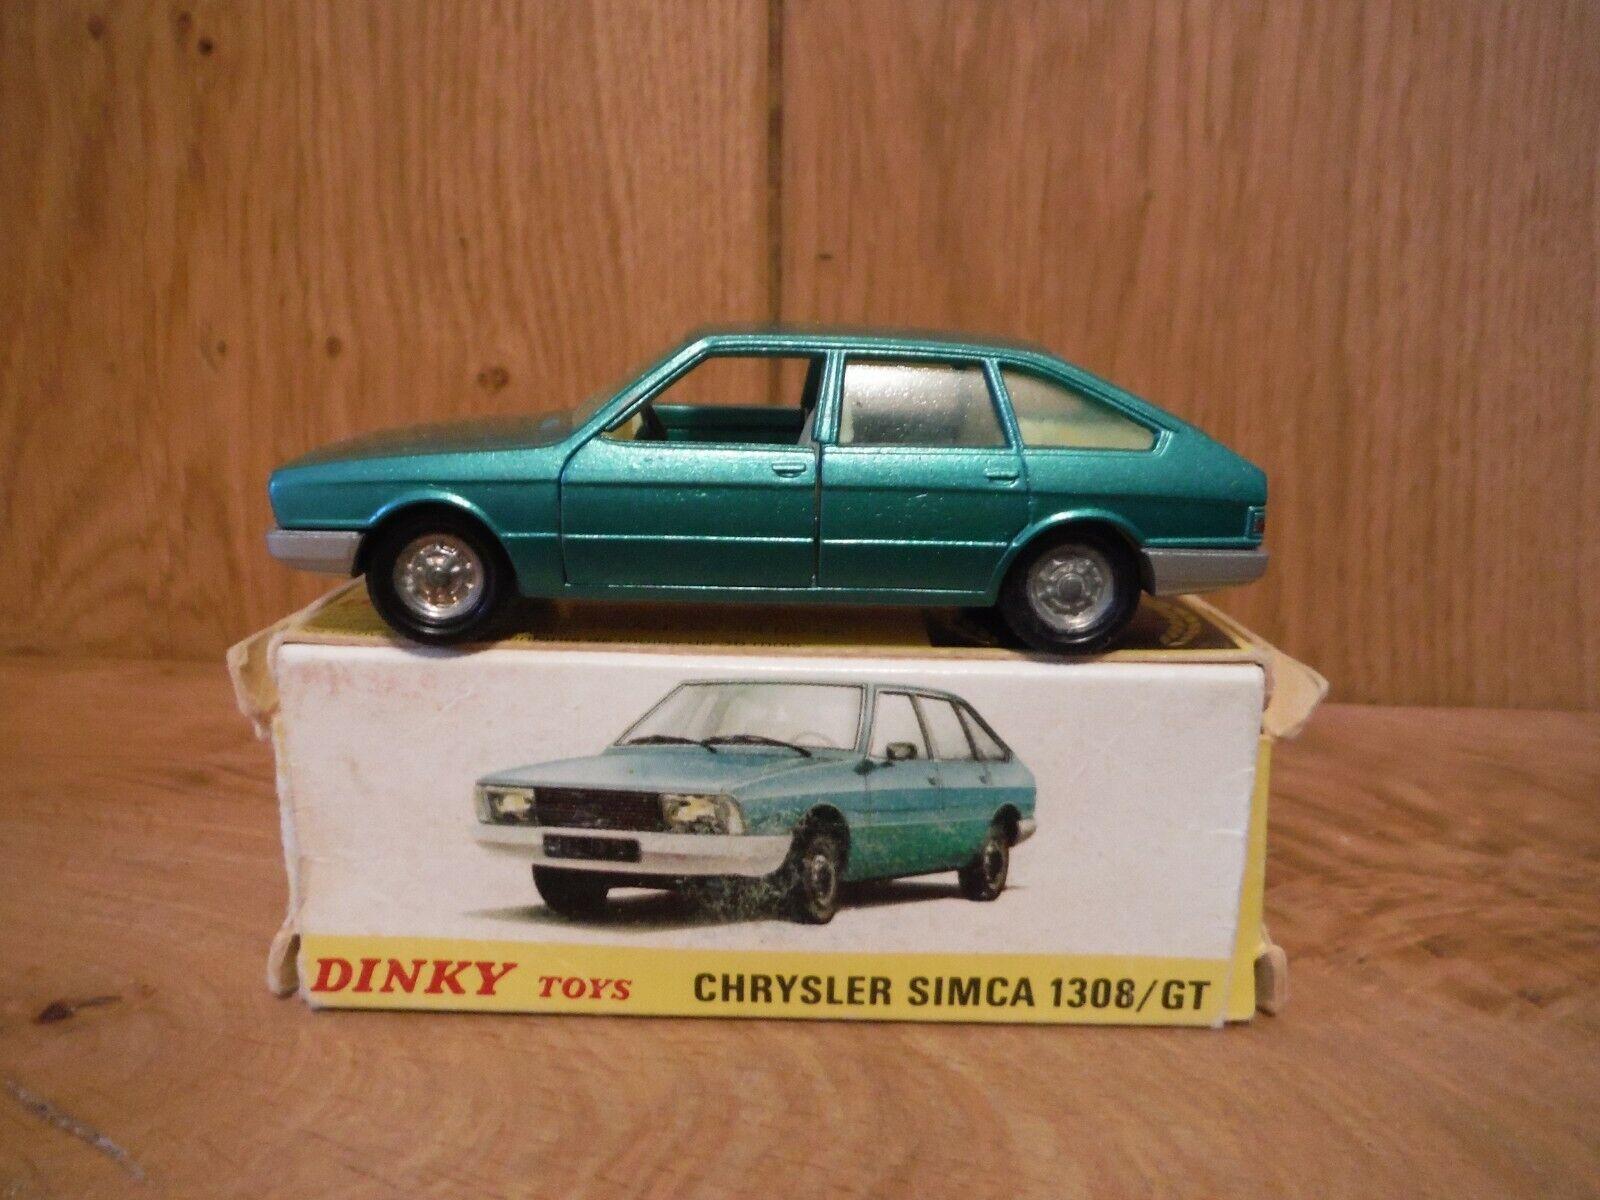 Espagnol dinky 011542 CHRYSLER 1308 GT-vert en boîte